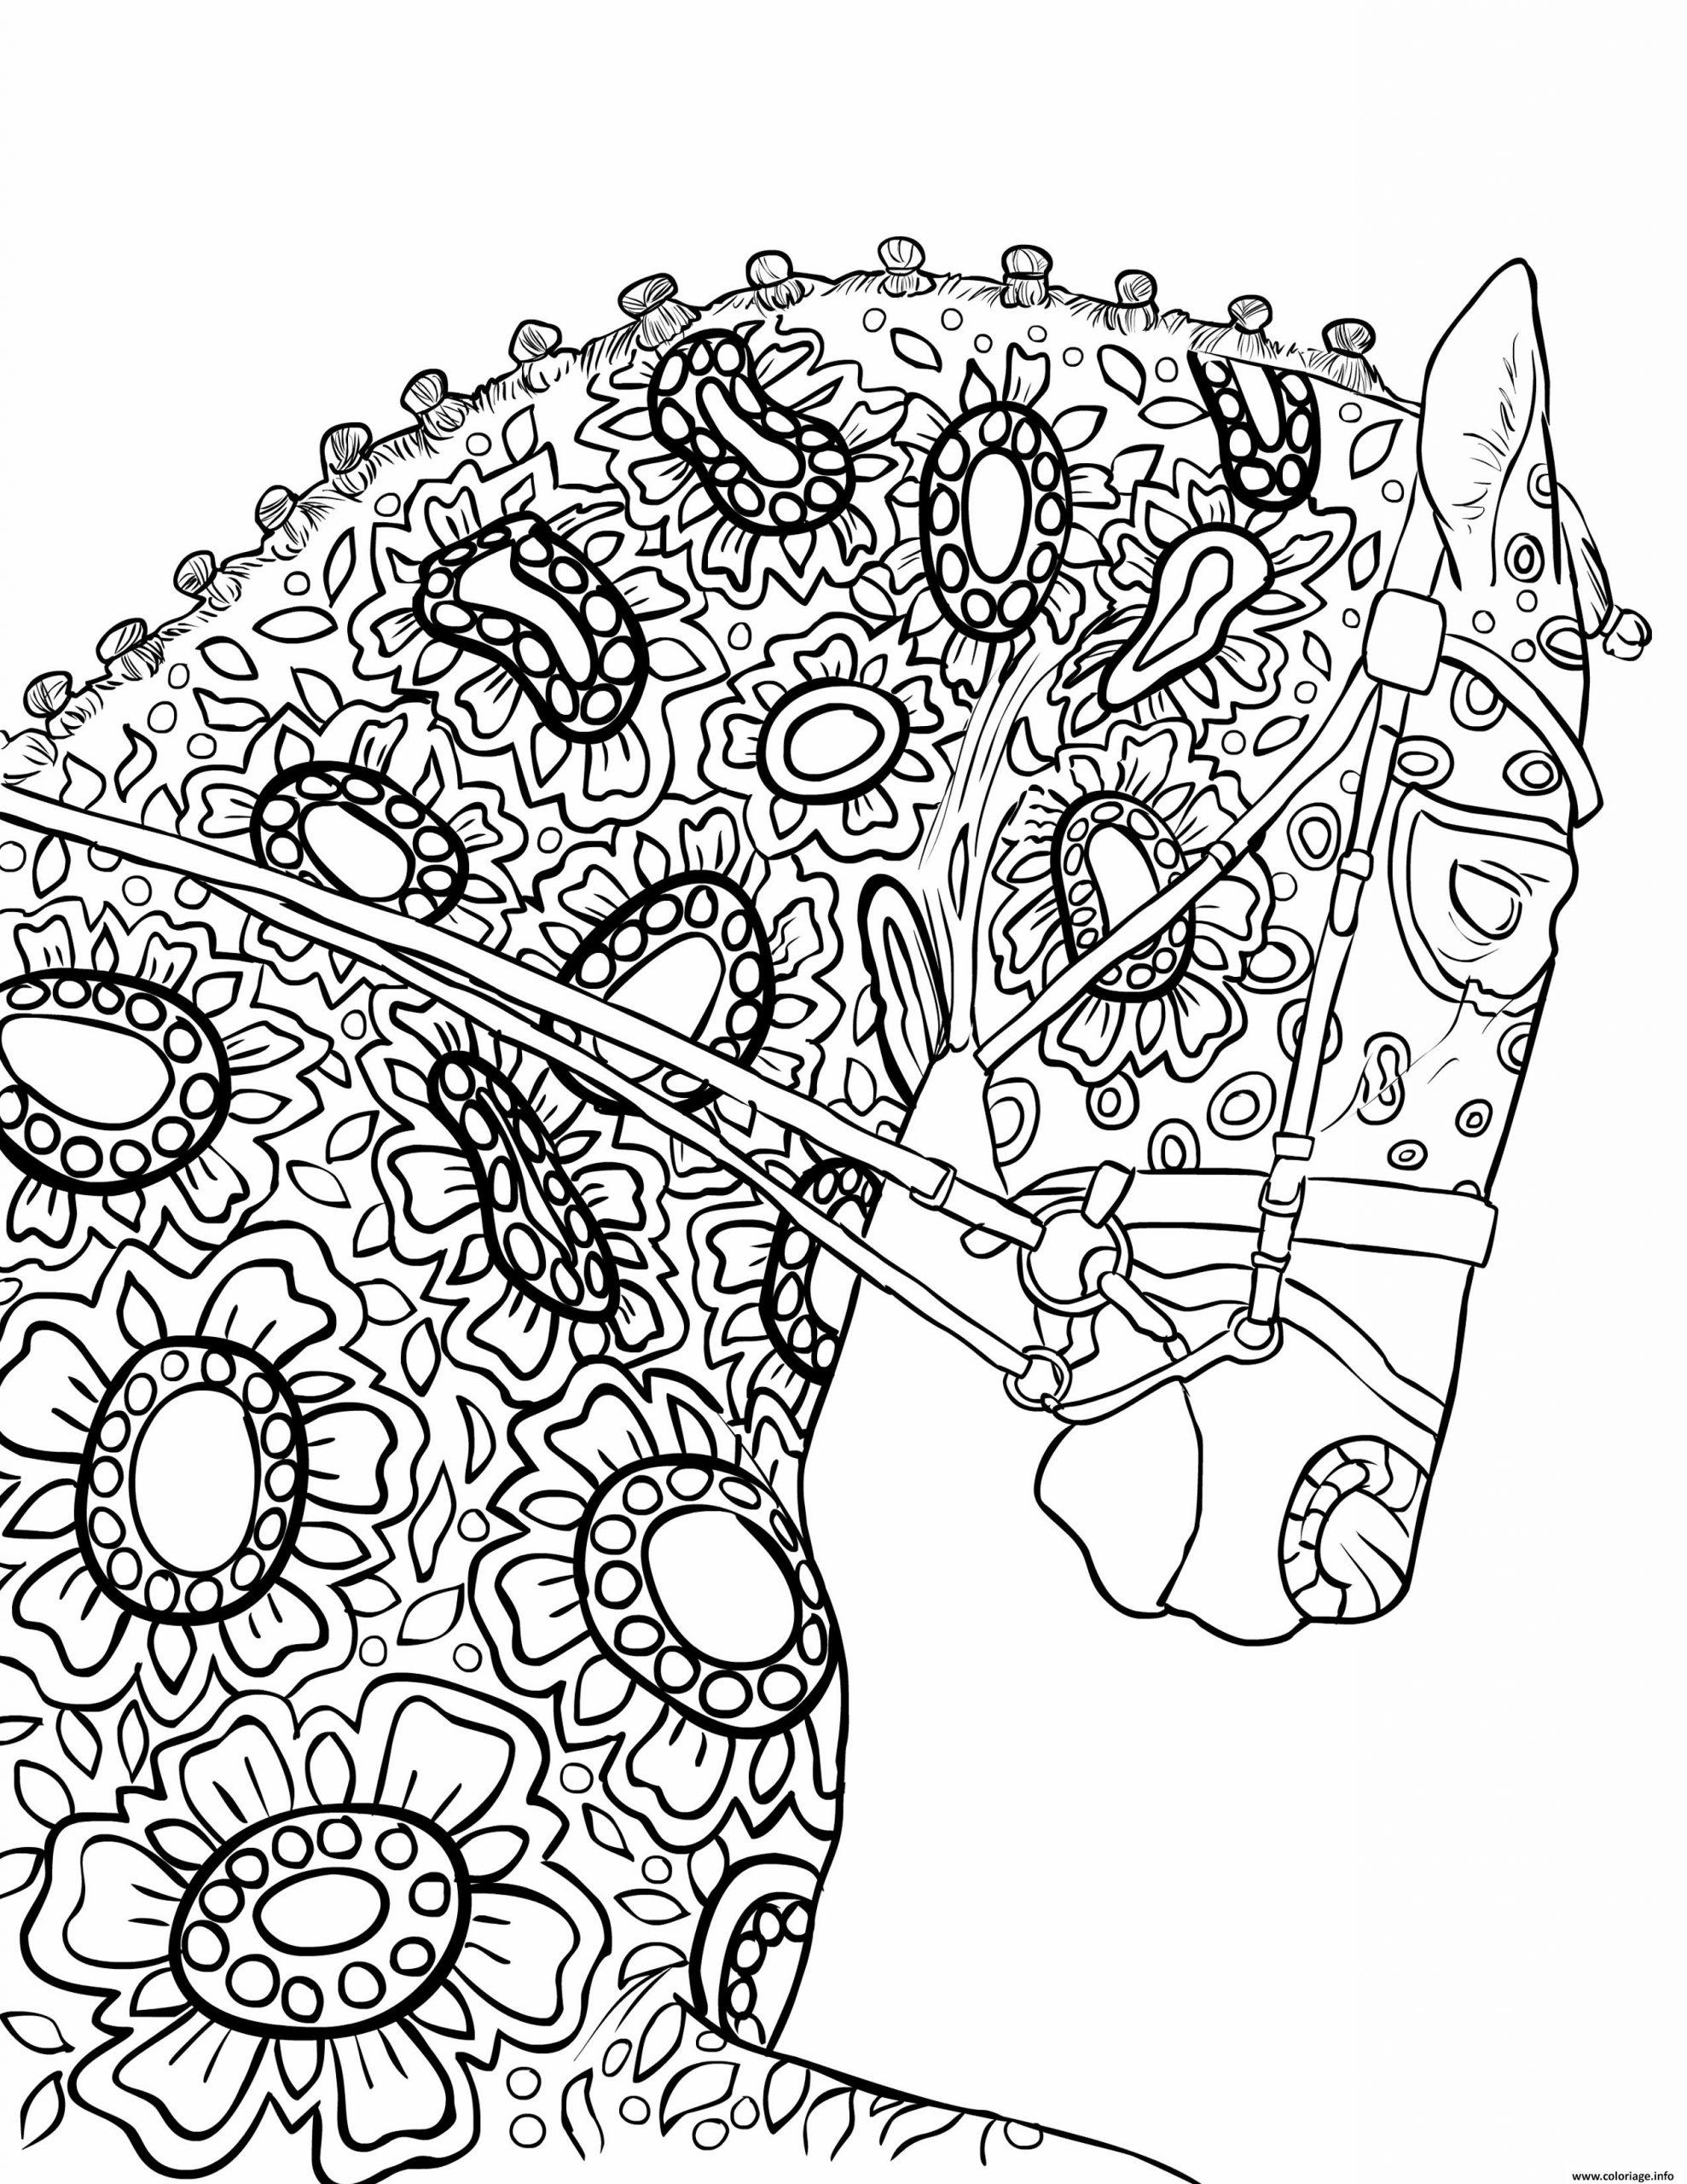 Coloriage Magnifique Cheval Pour Adulte Mandala Dessin avec Dessin A Imprimer Pour Adulte